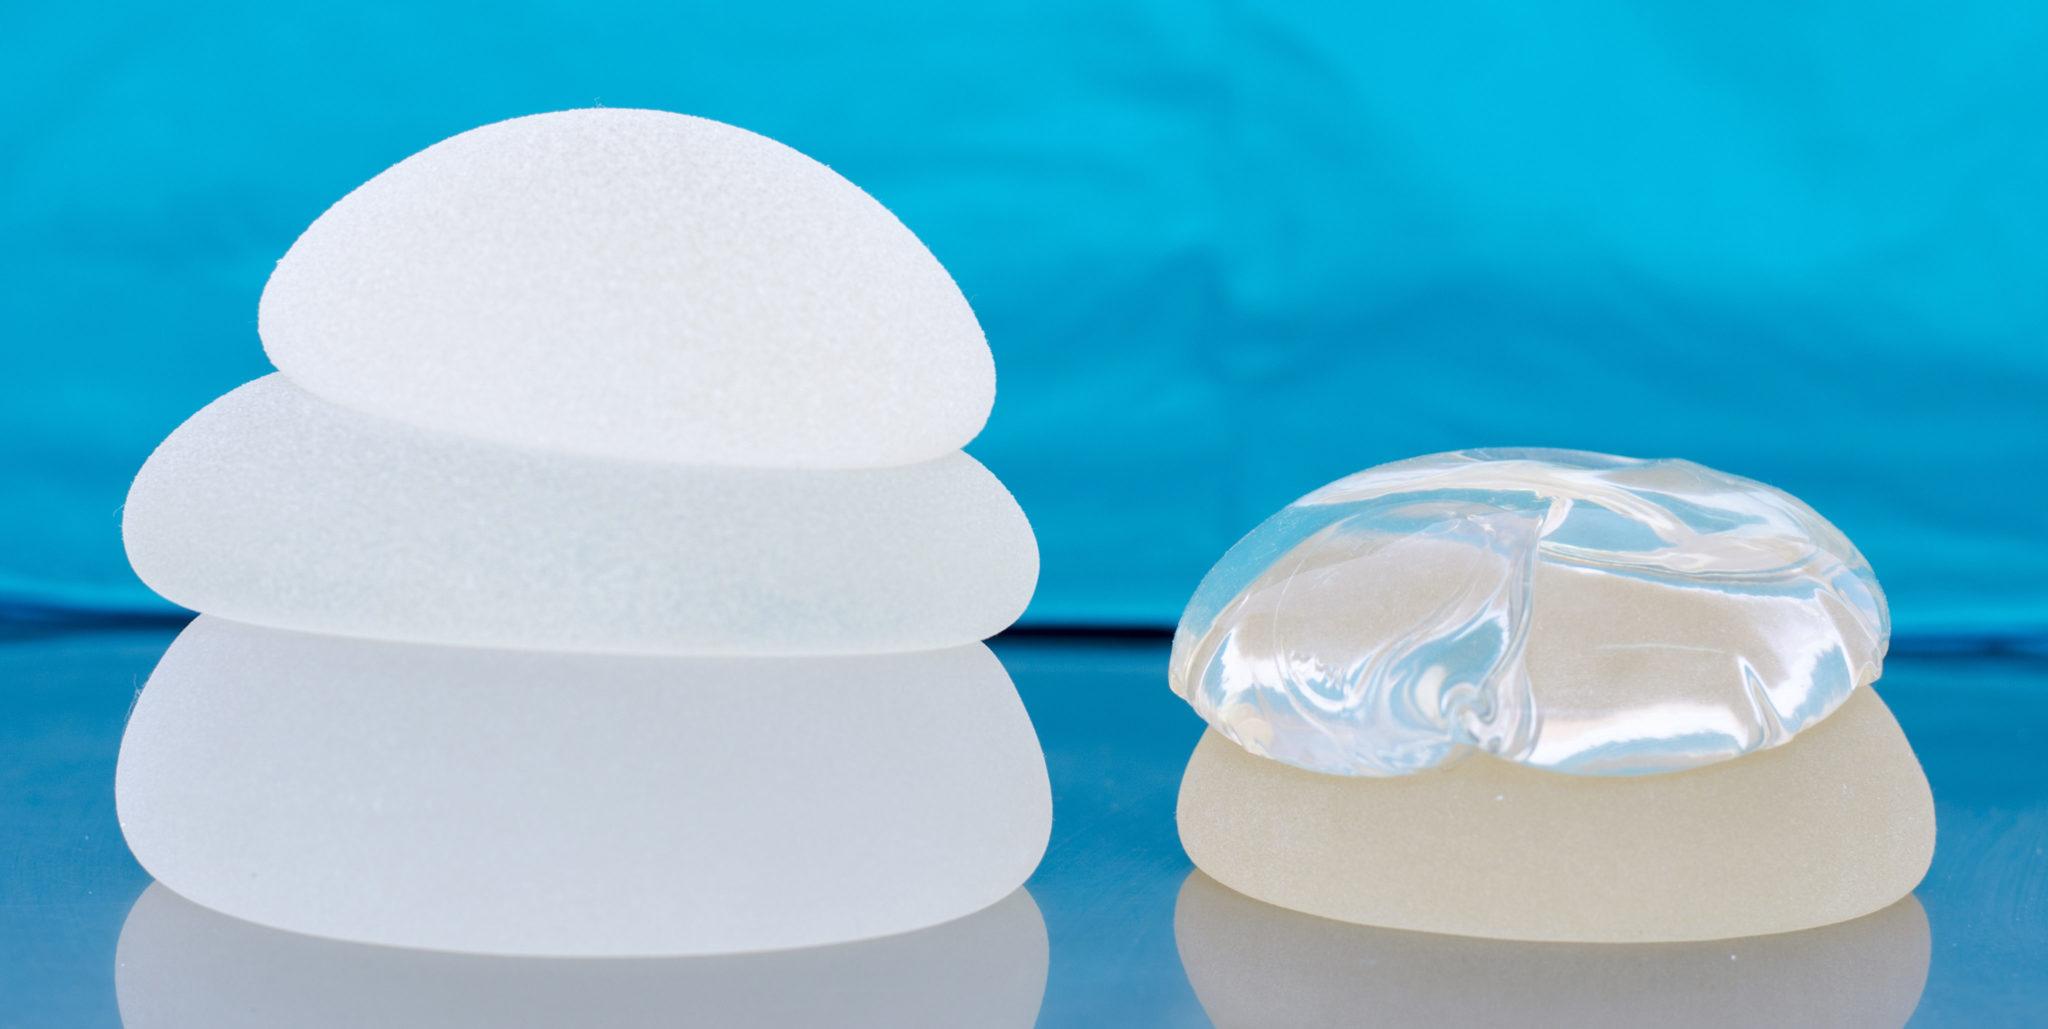 saline vs silicone